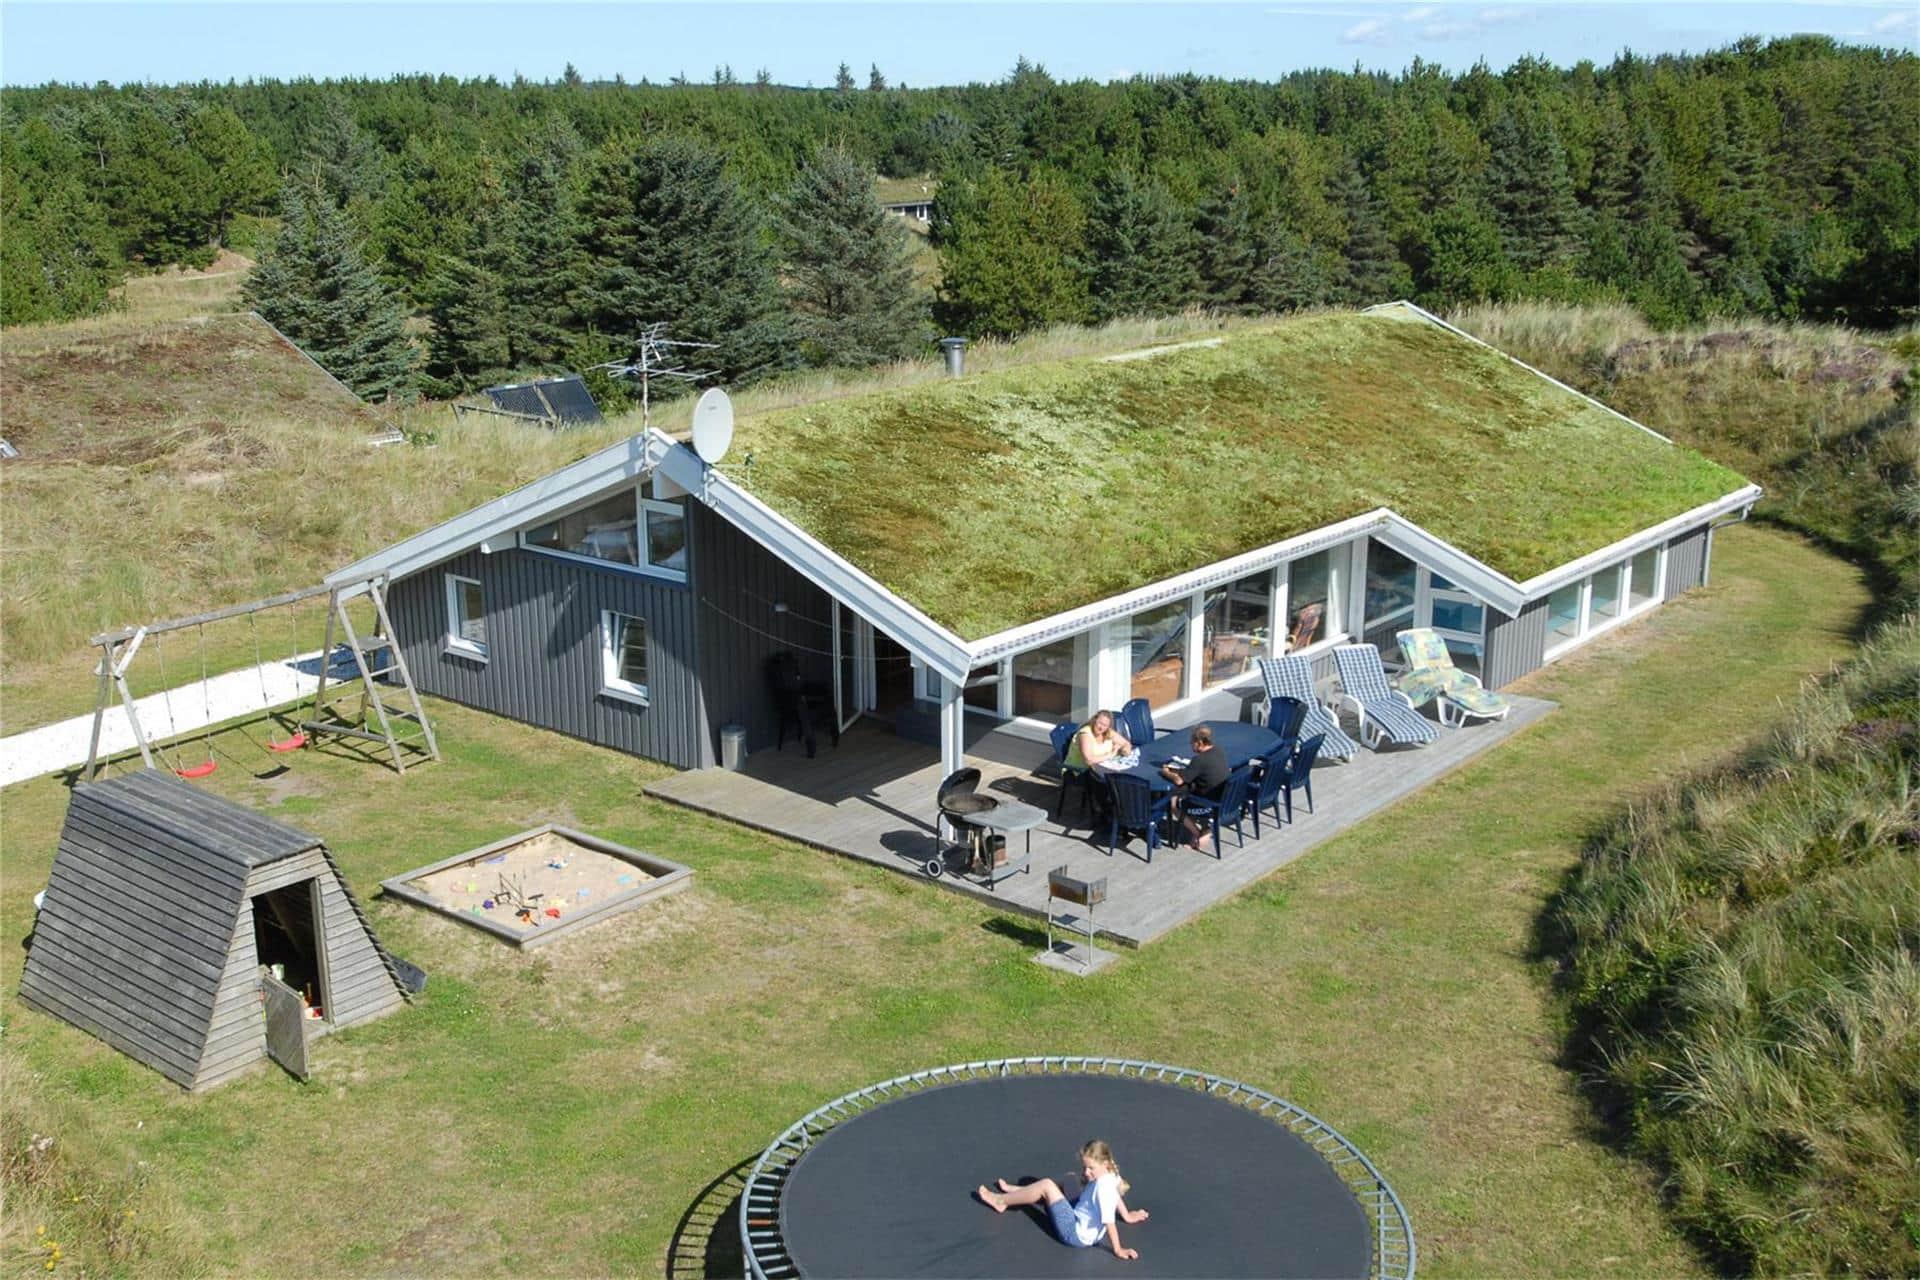 Bilde 1-14 Feirehus 782, Malinsvej 16, DK - 9492 Blokhus